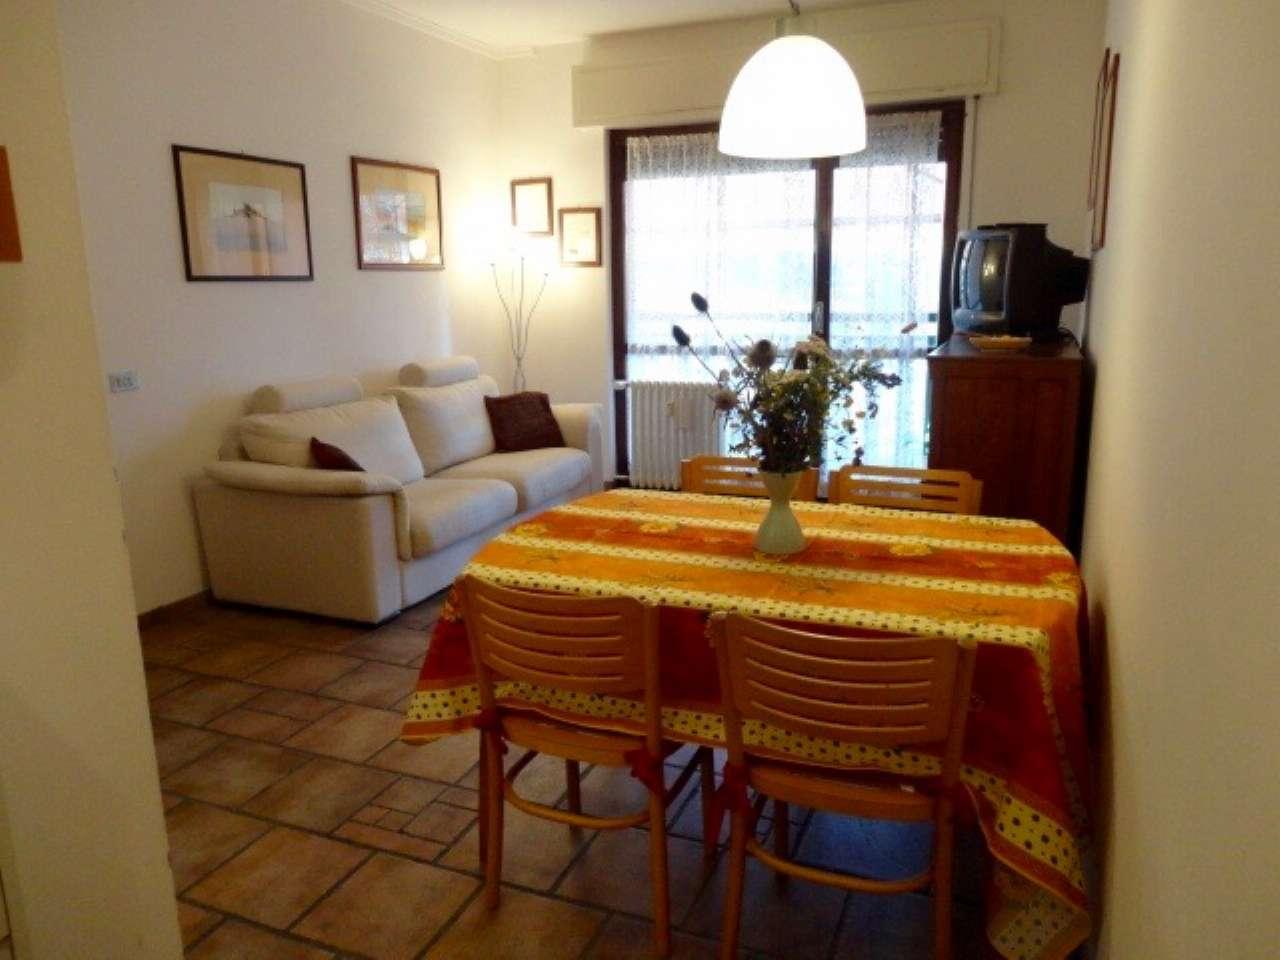 Appartamento in vendita a Moggio, 3 locali, prezzo € 109.000 | CambioCasa.it